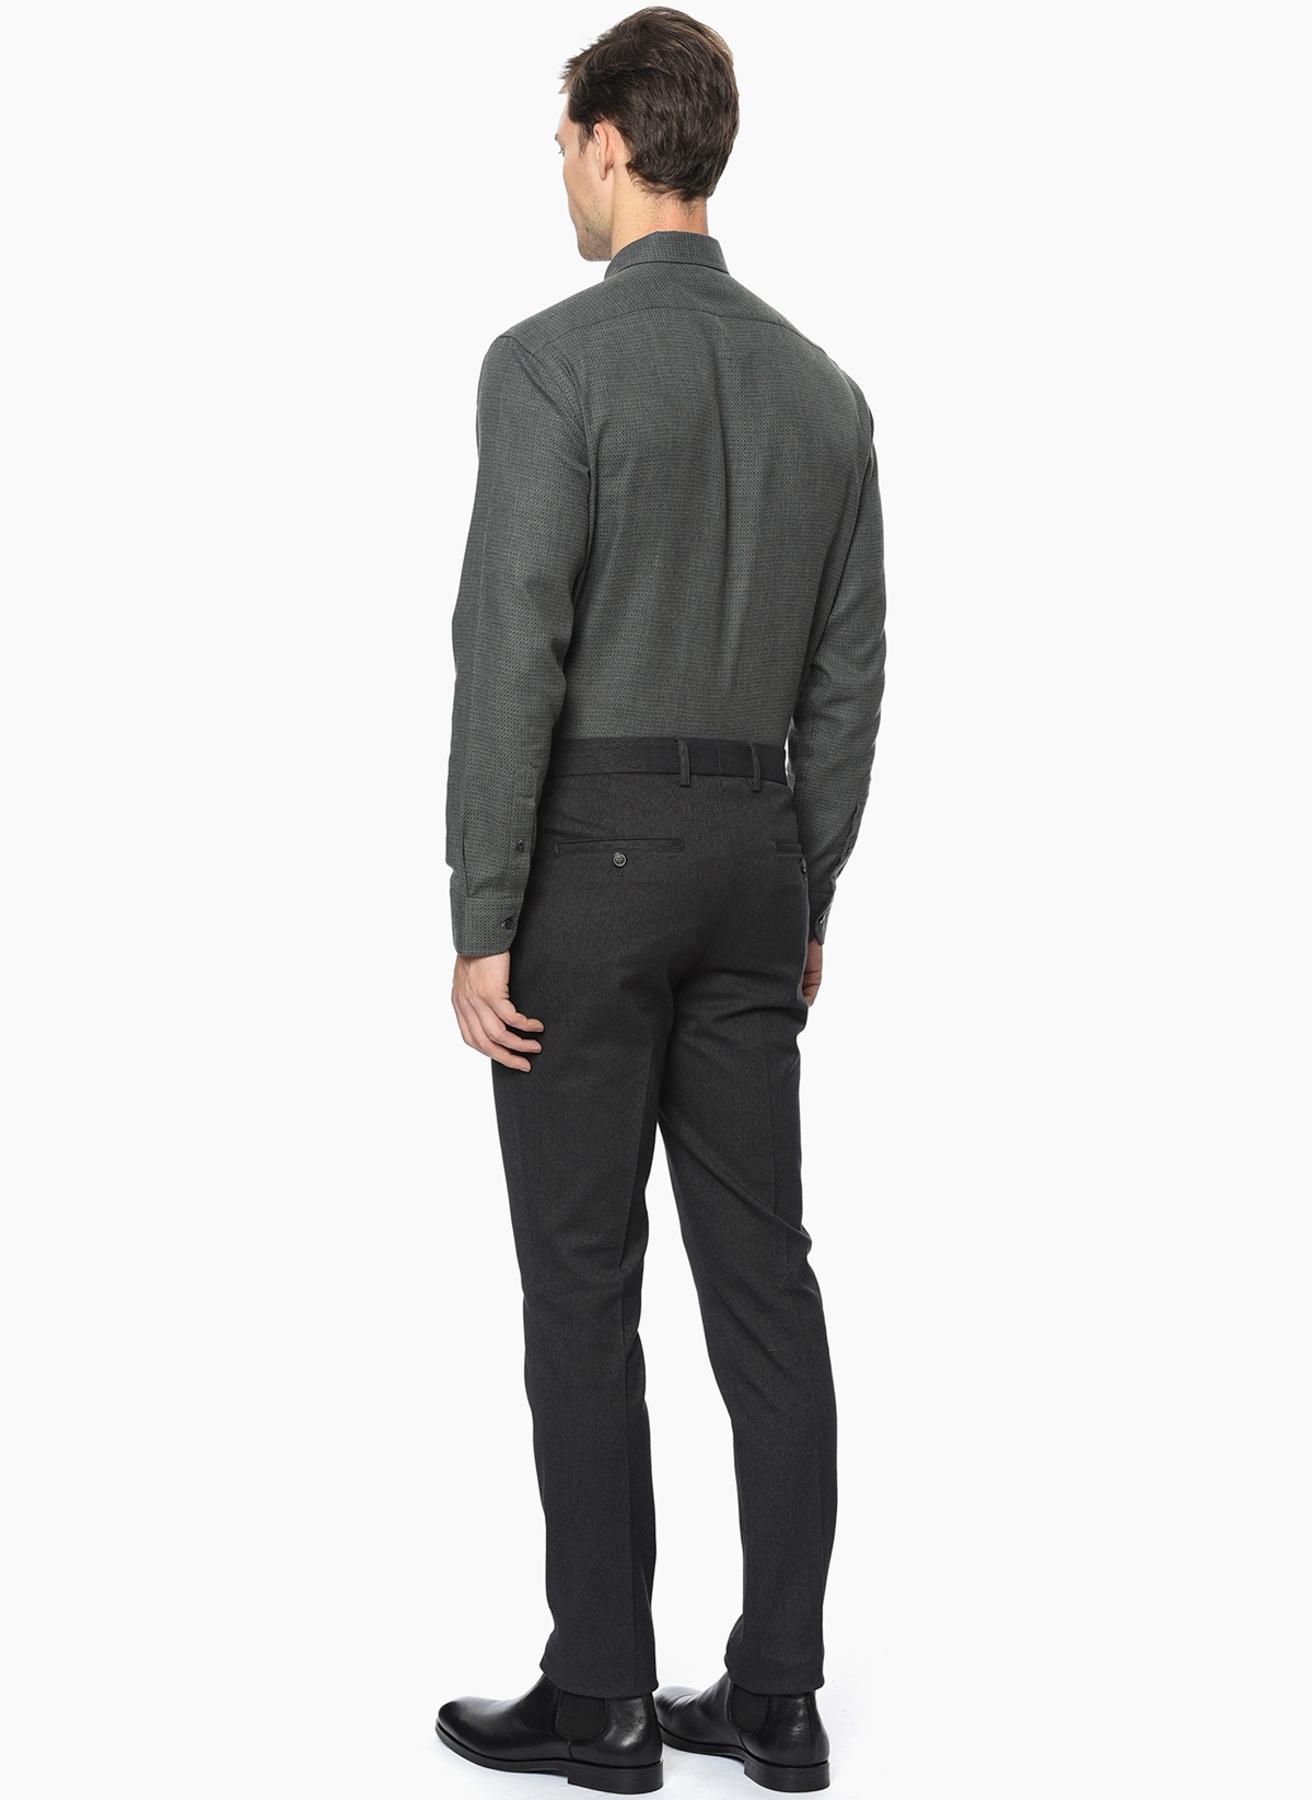 George Hogg Klasik Pantolon 52-6 5001699430004 Ürün Resmi